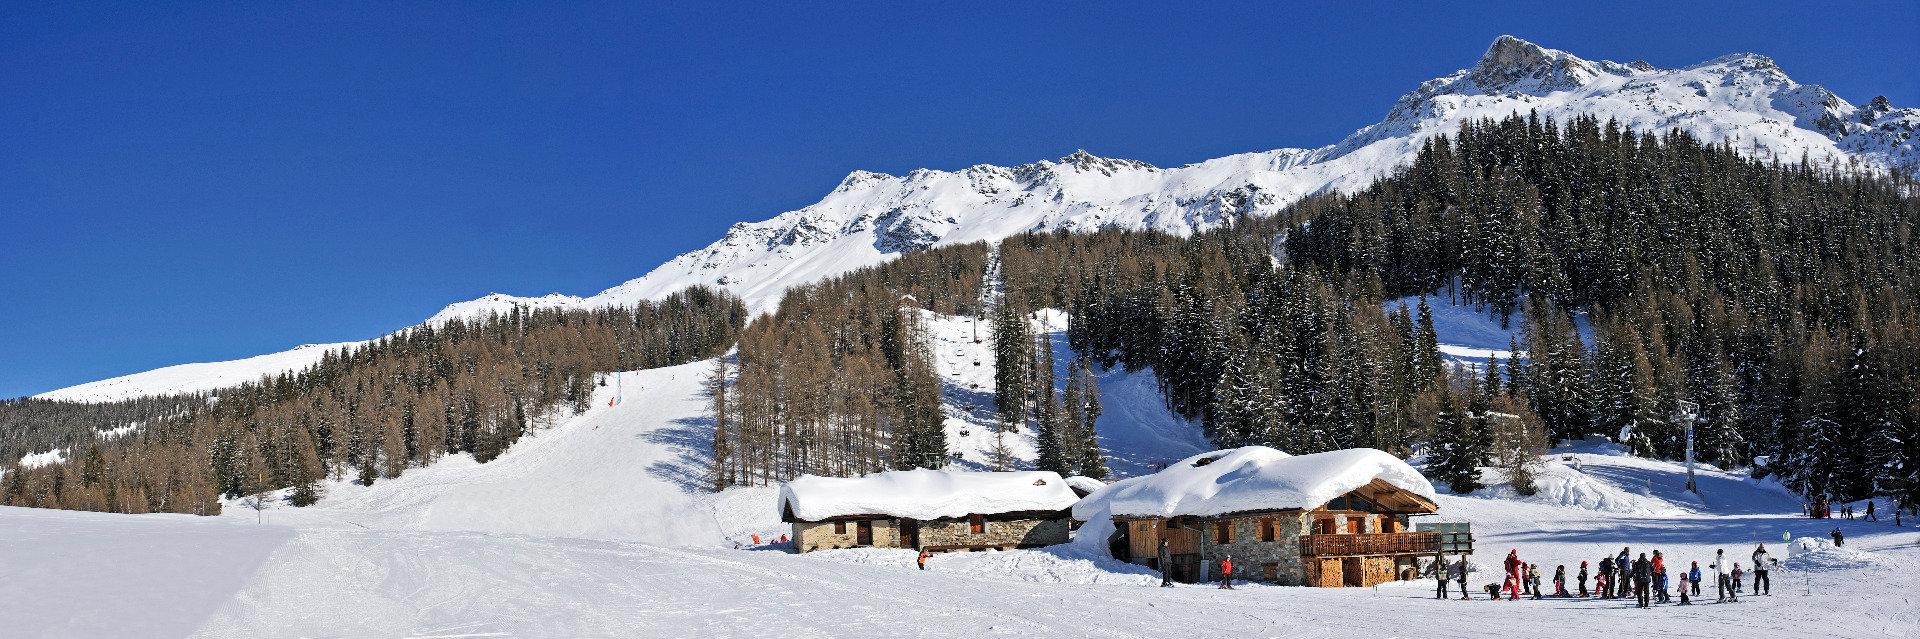 Le domaine skiable de Sainte Foy Tarentaise (ici secteur de Plan Bois) - © P. ROYER / OT de Sainte Foy Tarentaise